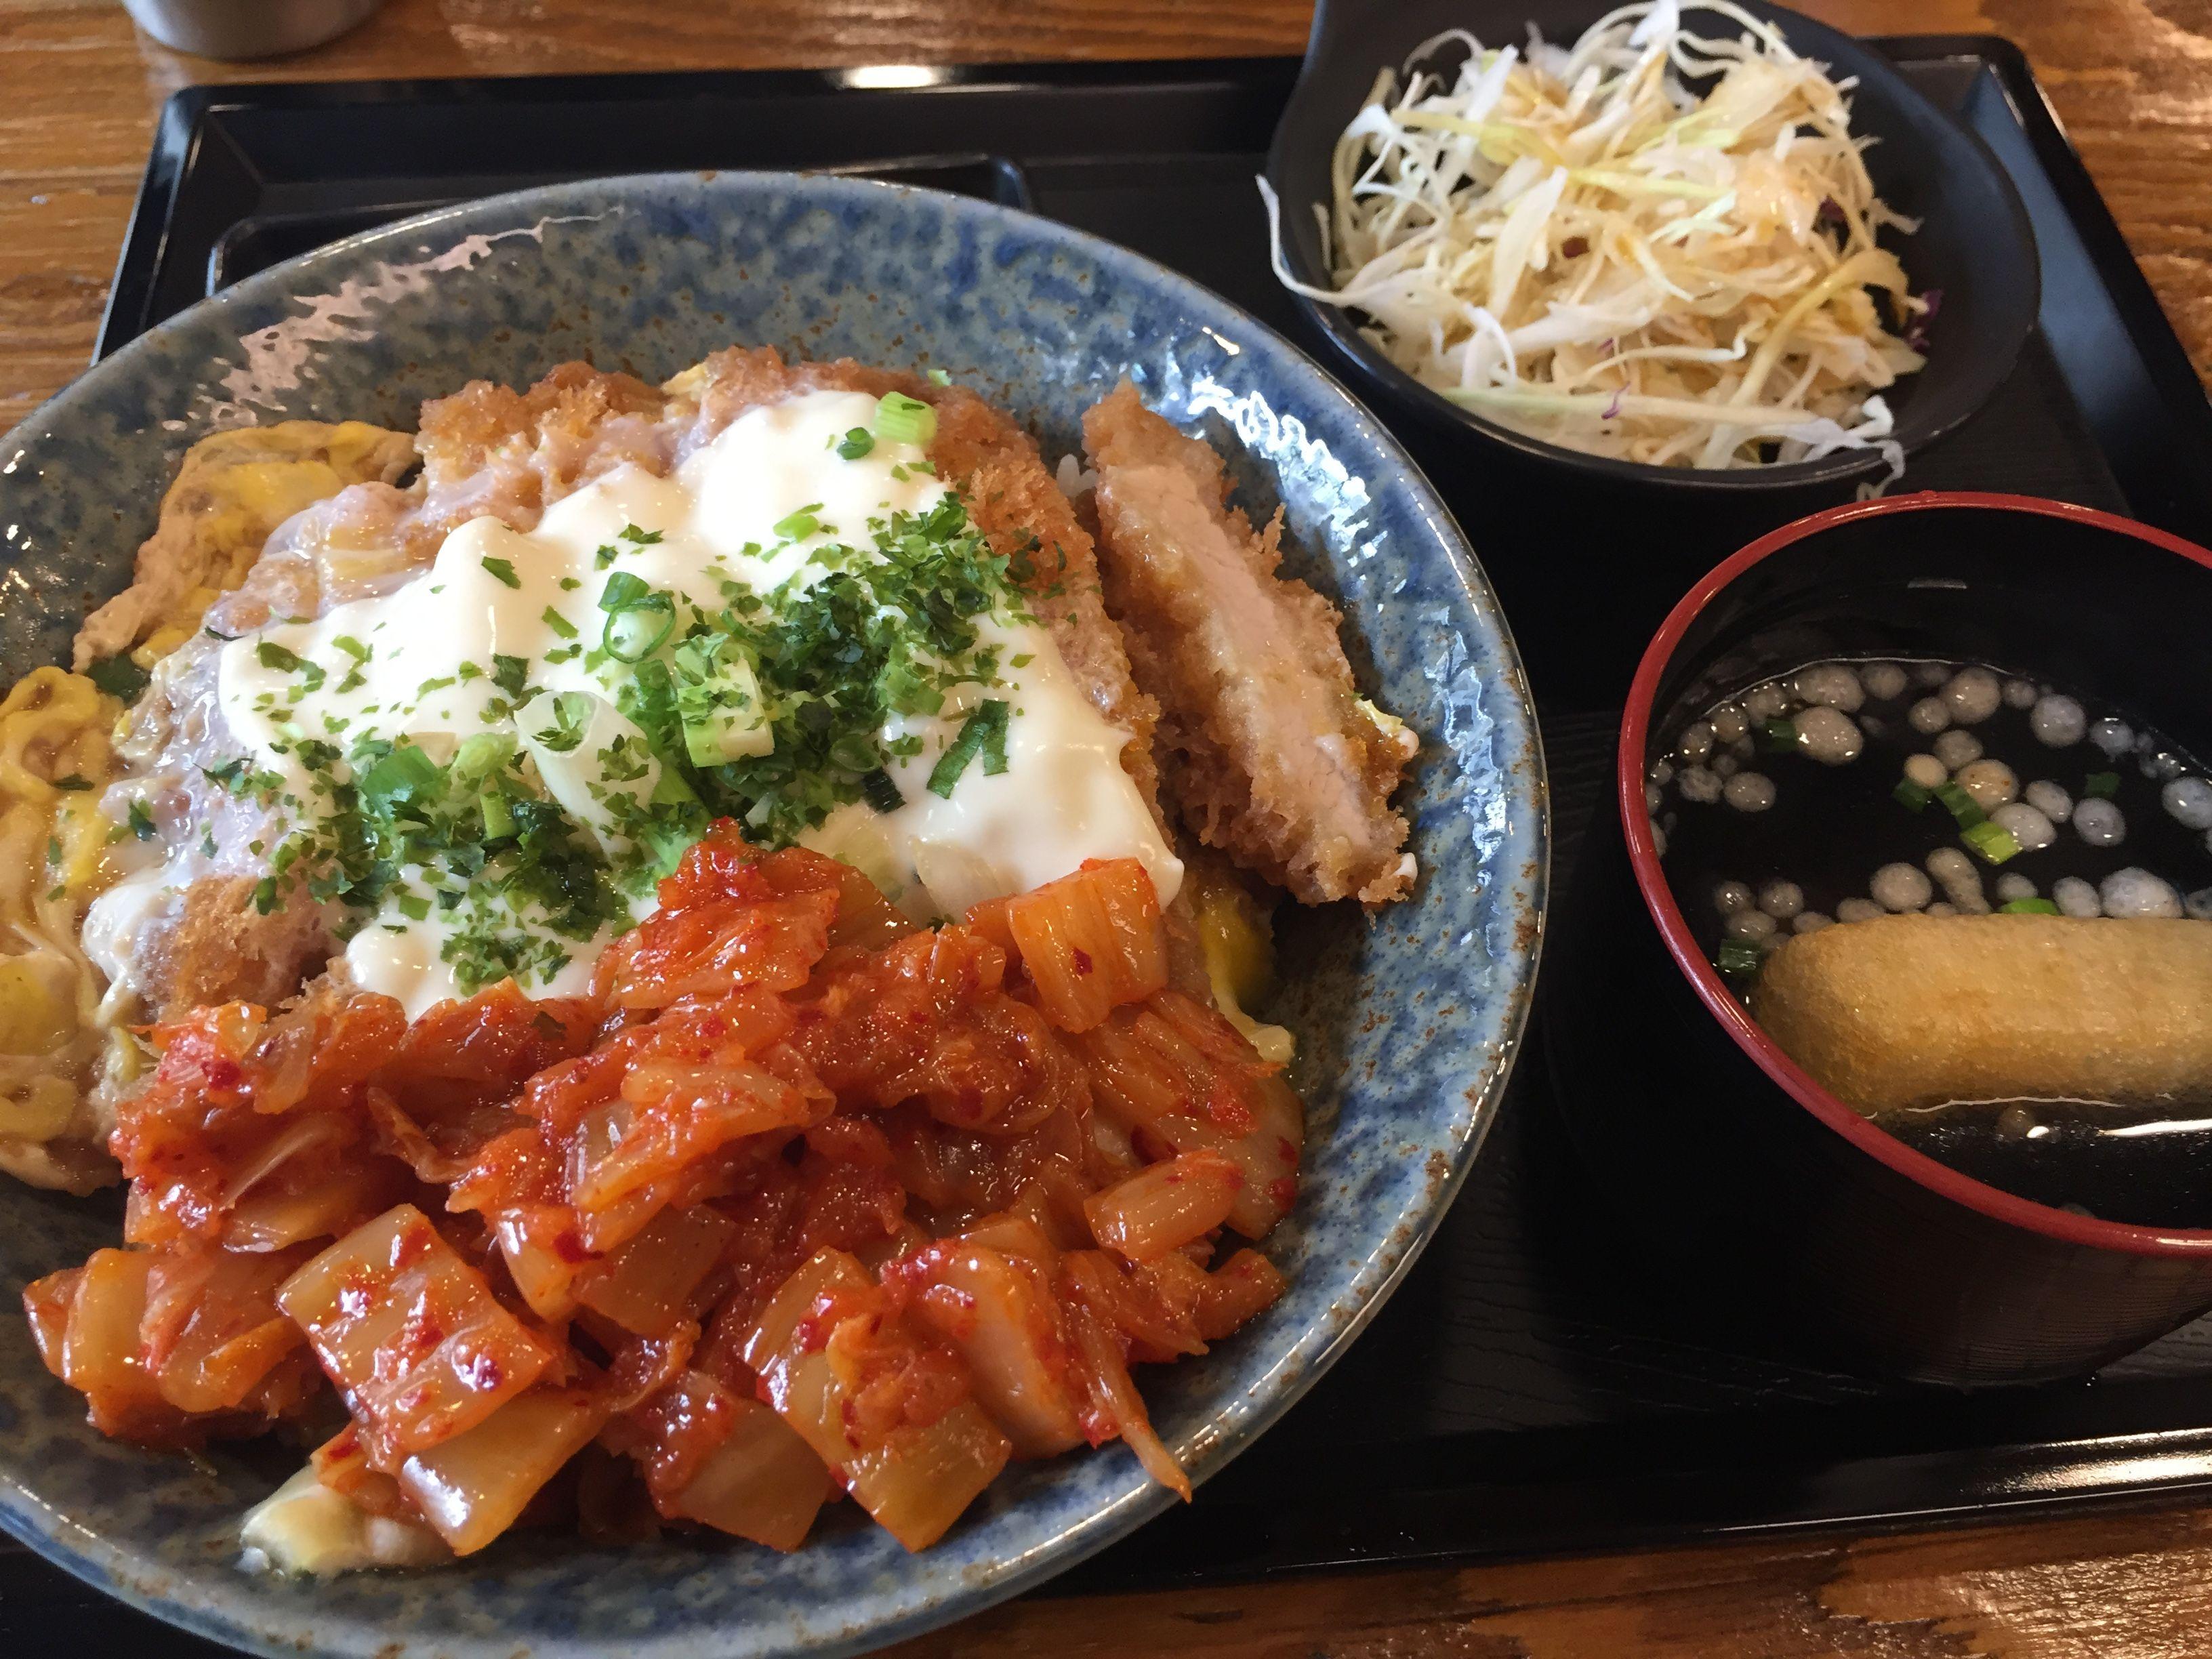 2016.6.16 점심. 김치 가츠동